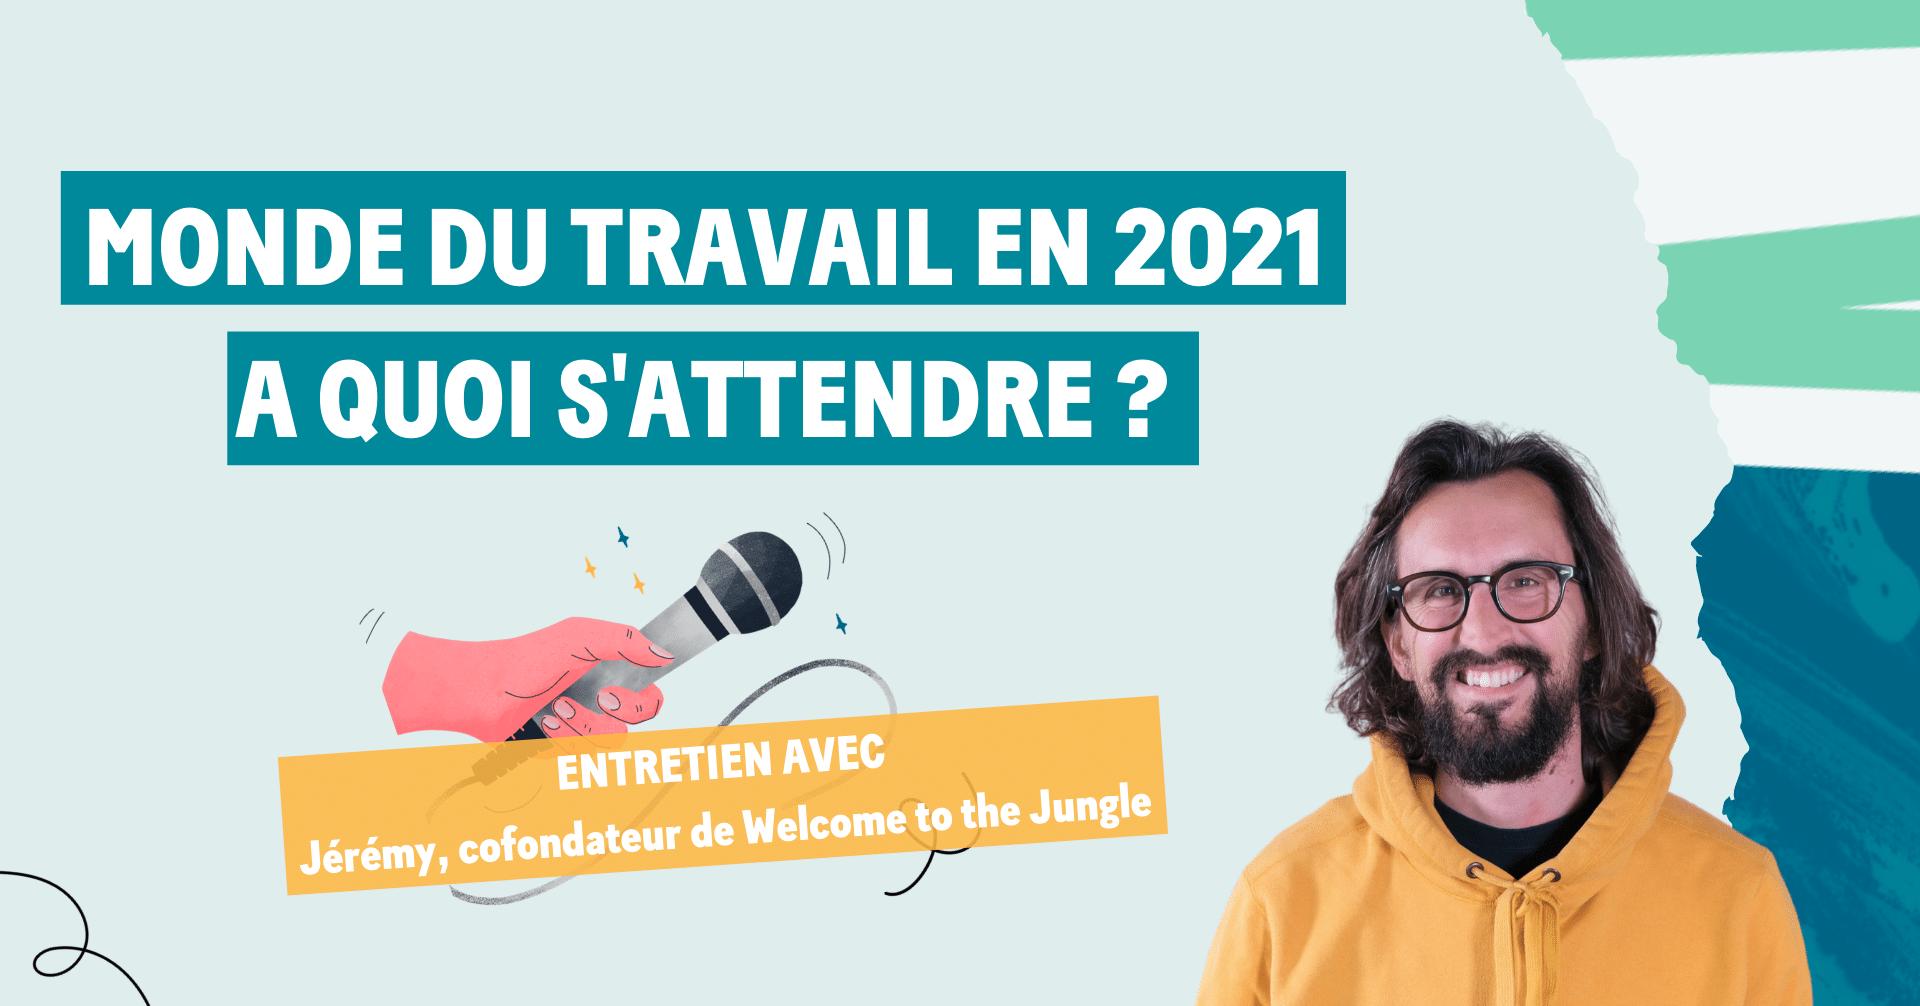 Monde du travail en 2021. à quoi s'attendre ? Entretien avec Jérémy Clédatj